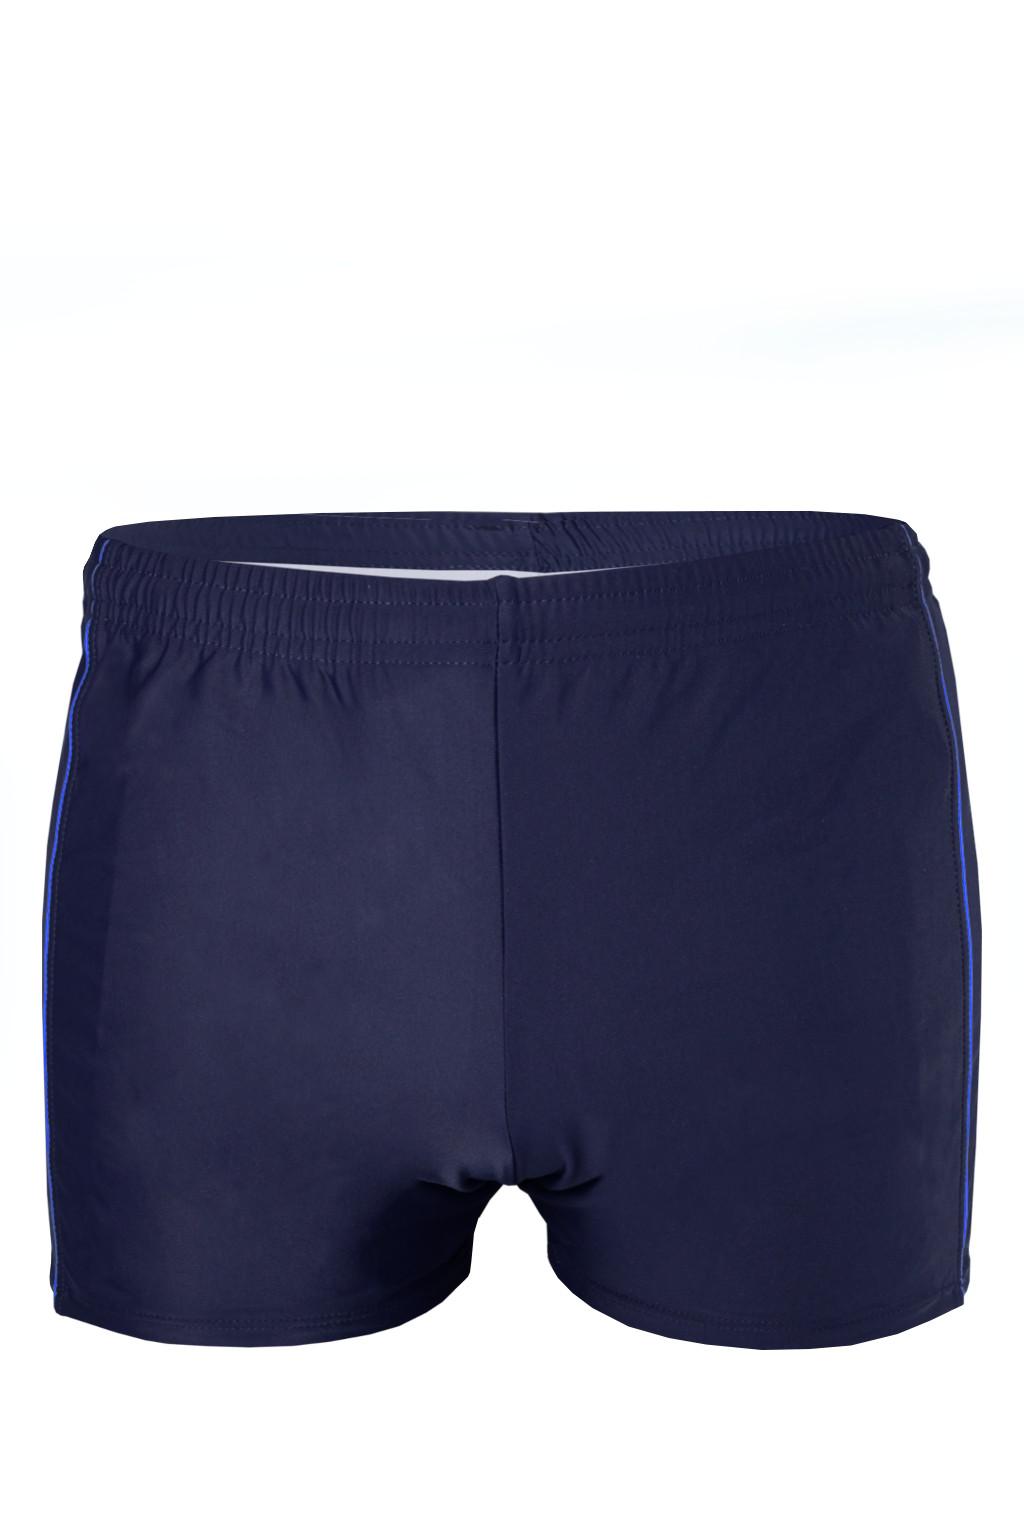 Andre Blue pánské boxer plavky AB 072 L tmavě modrá 91e2a81fd7